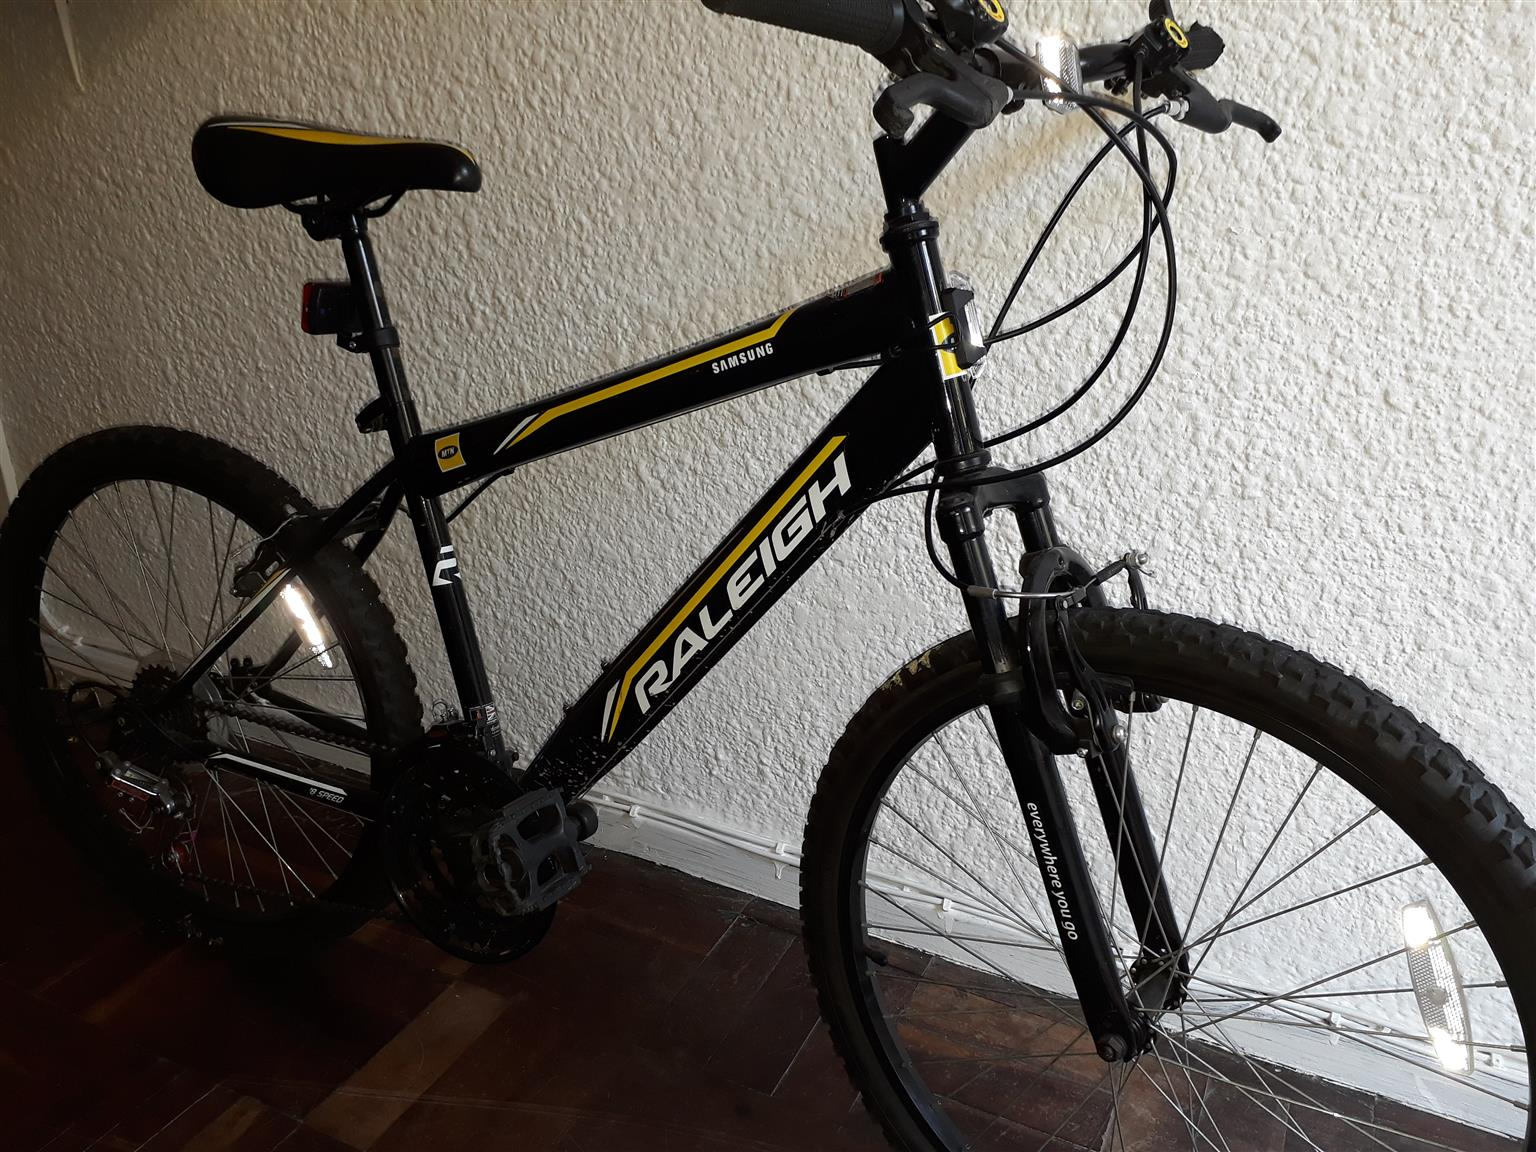 A.Mountain bike